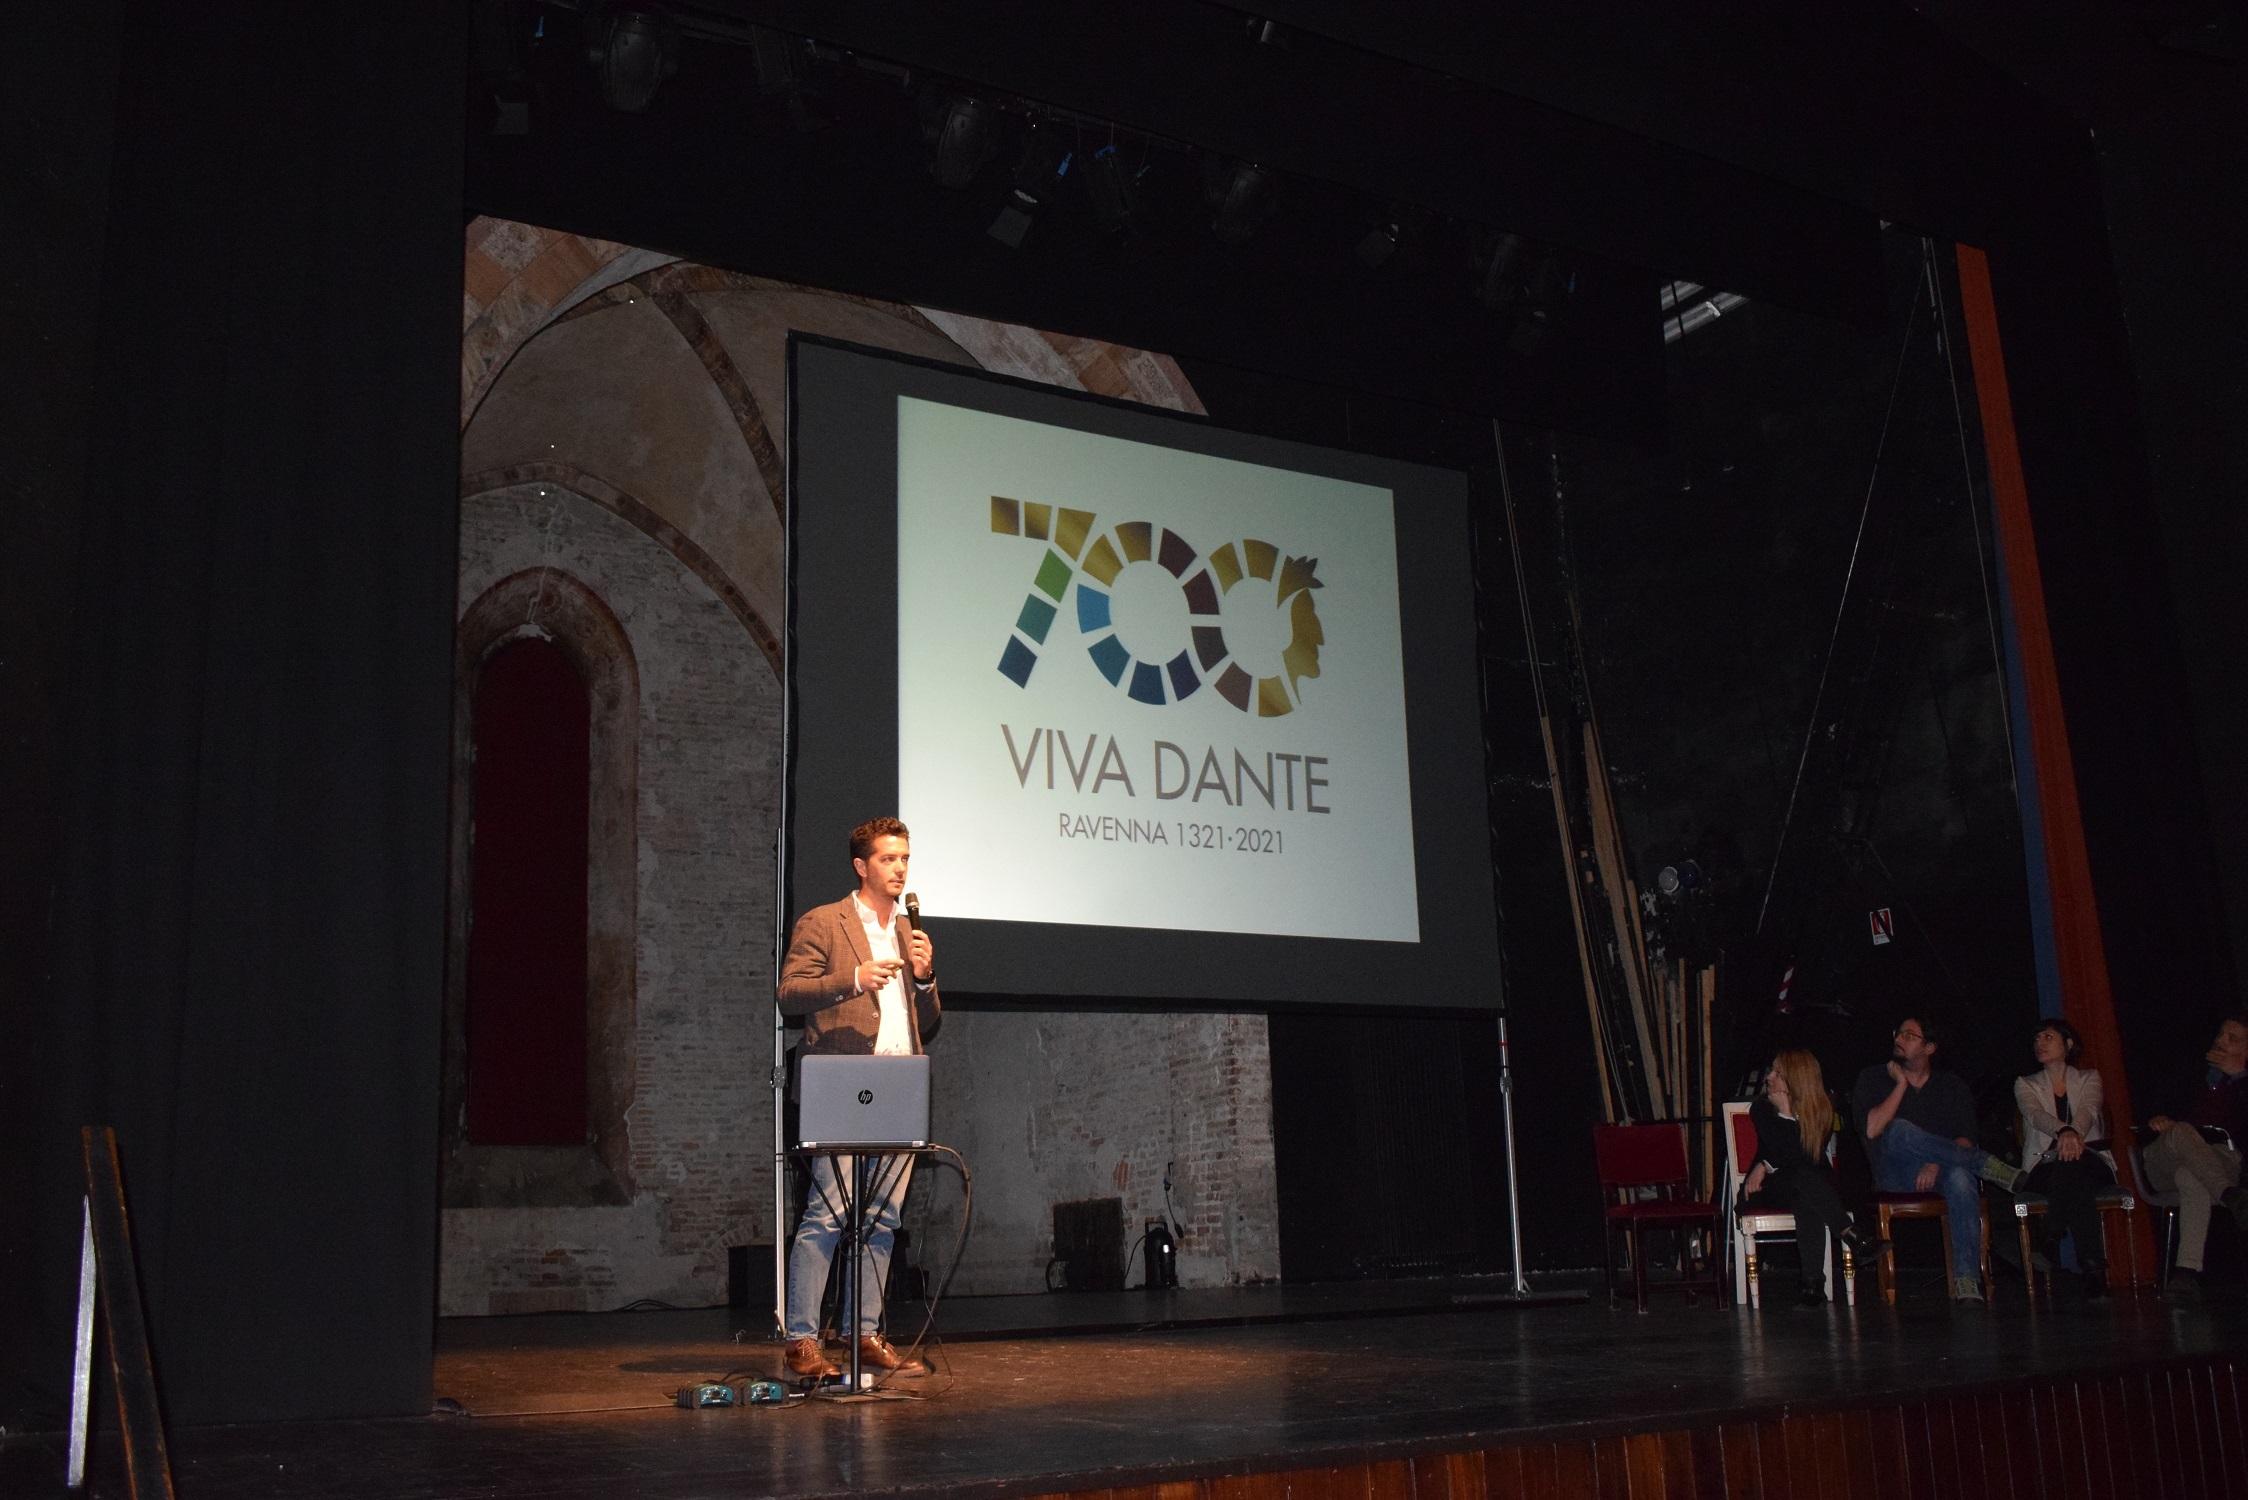 """""""Viva Dante"""", scelto a Ravenna il logo per il 7° centenario della morte"""